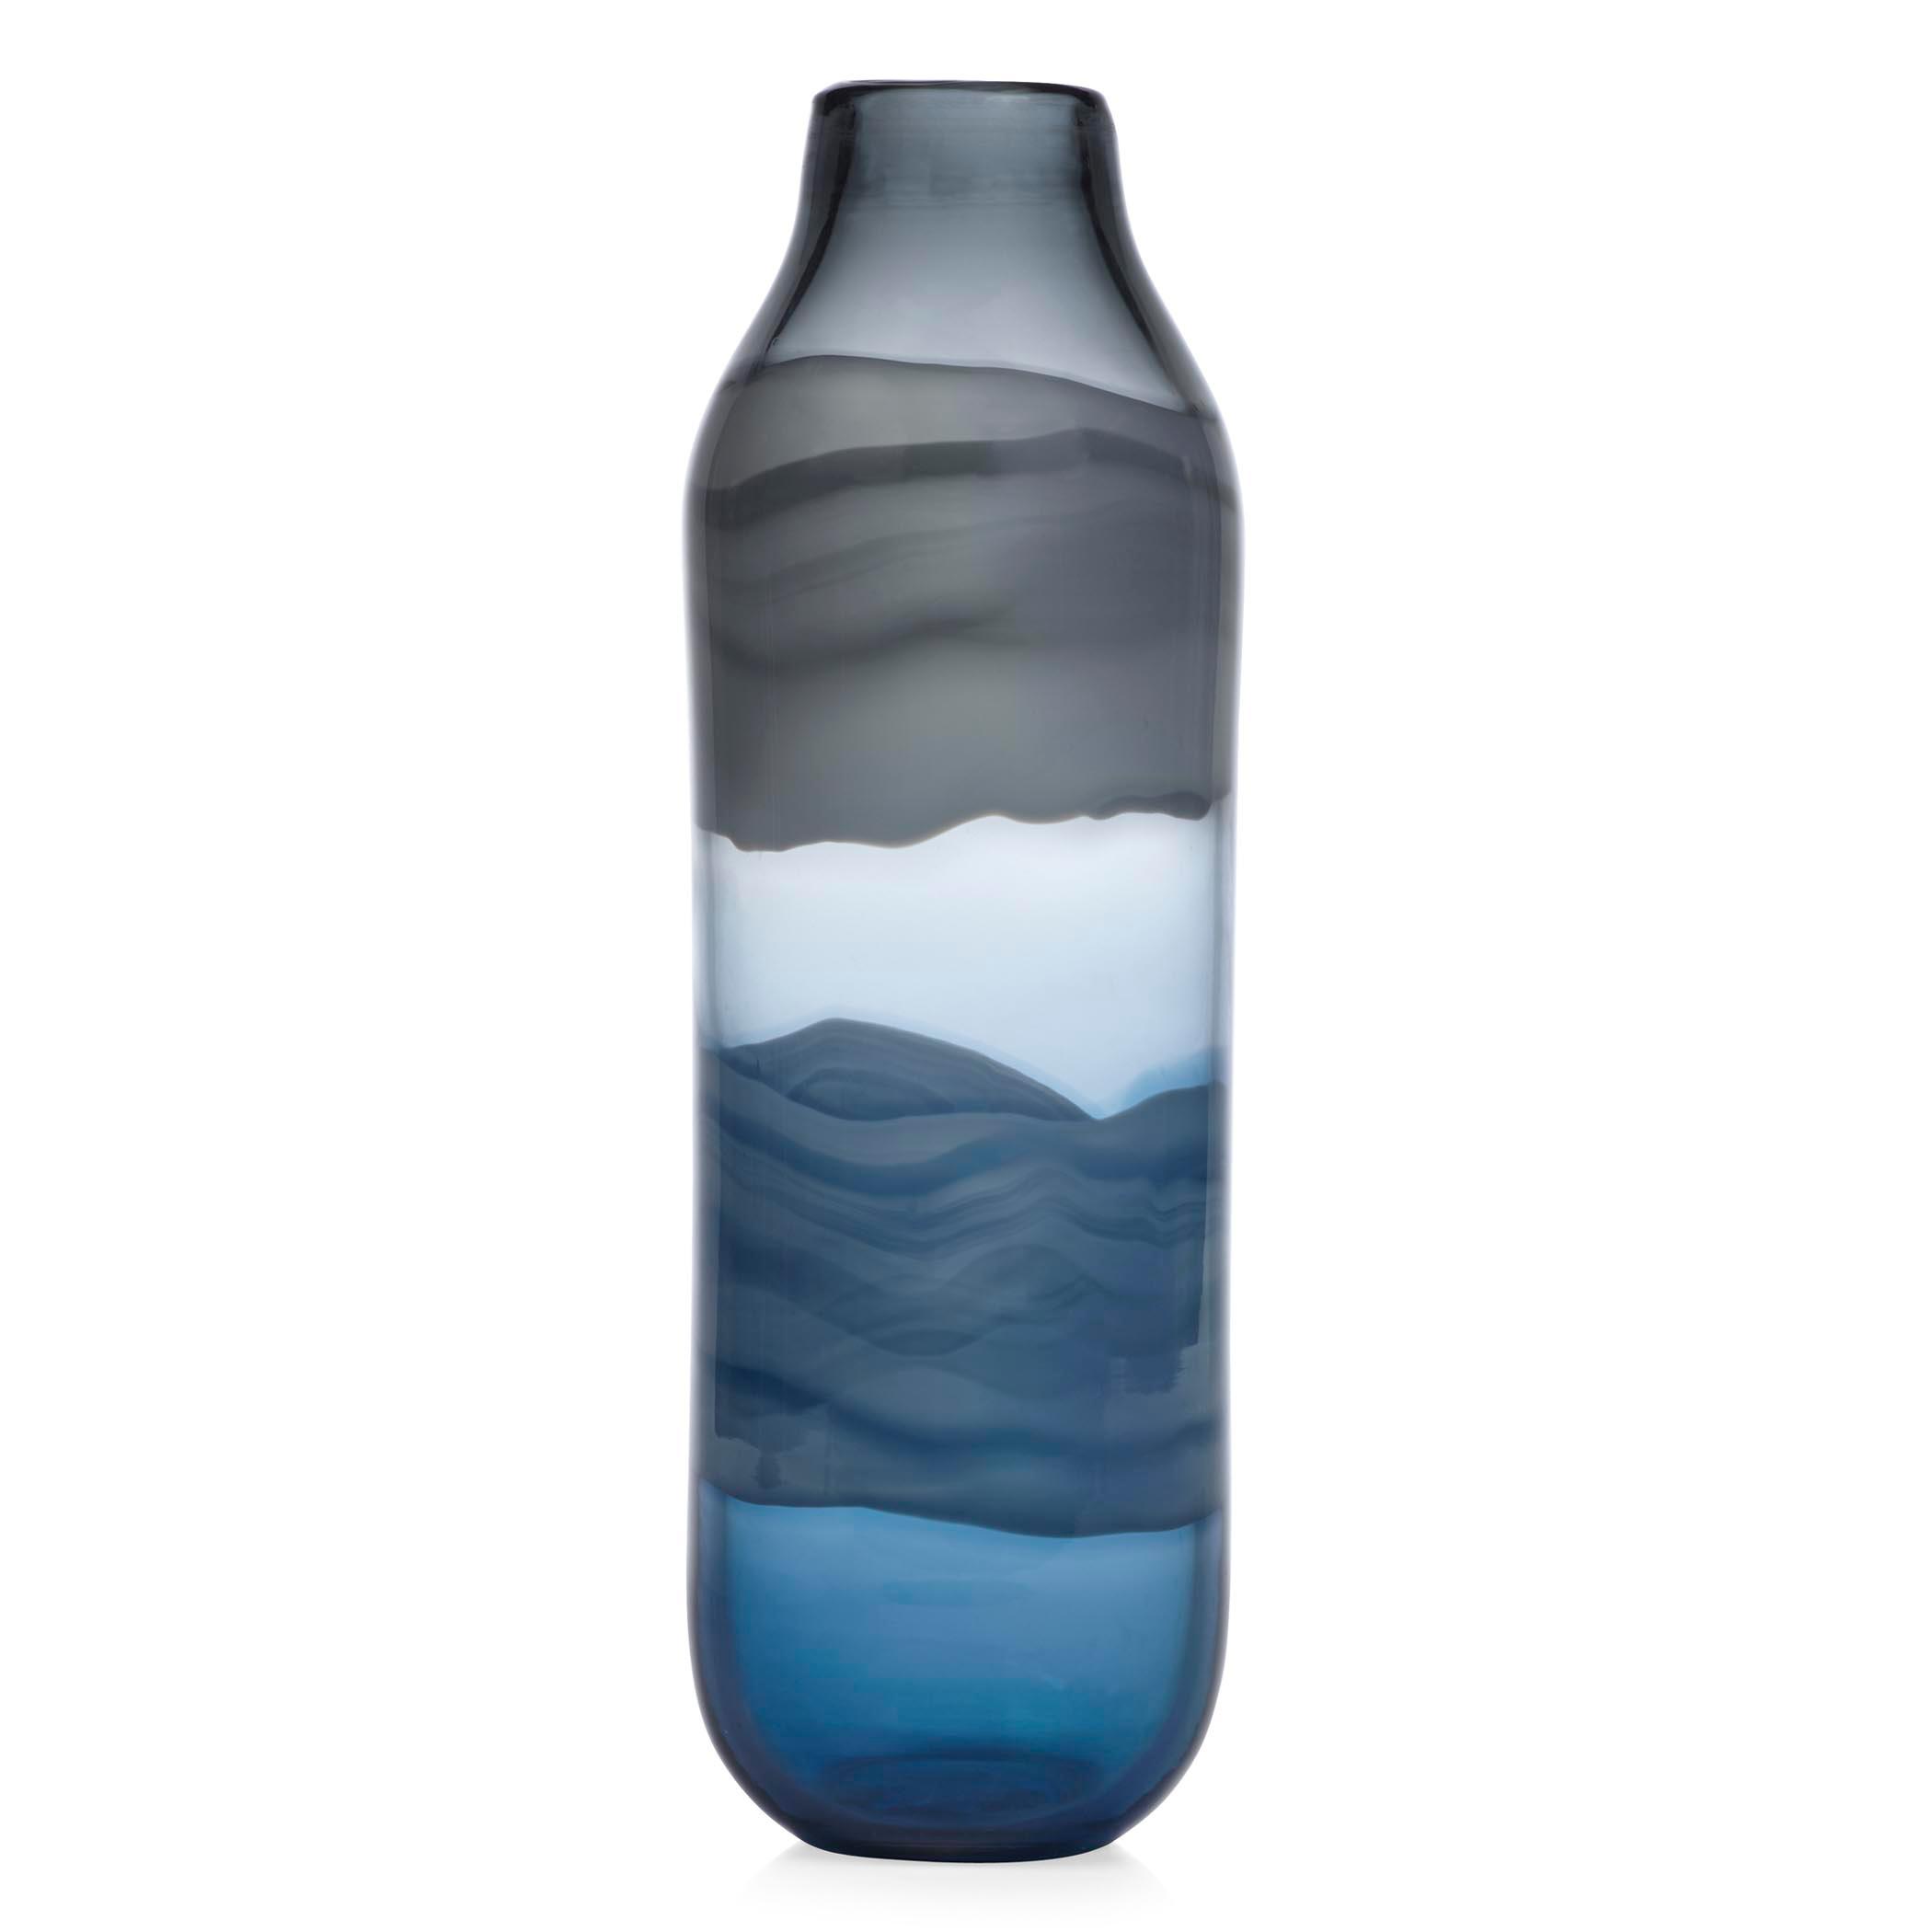 Nebula Vase